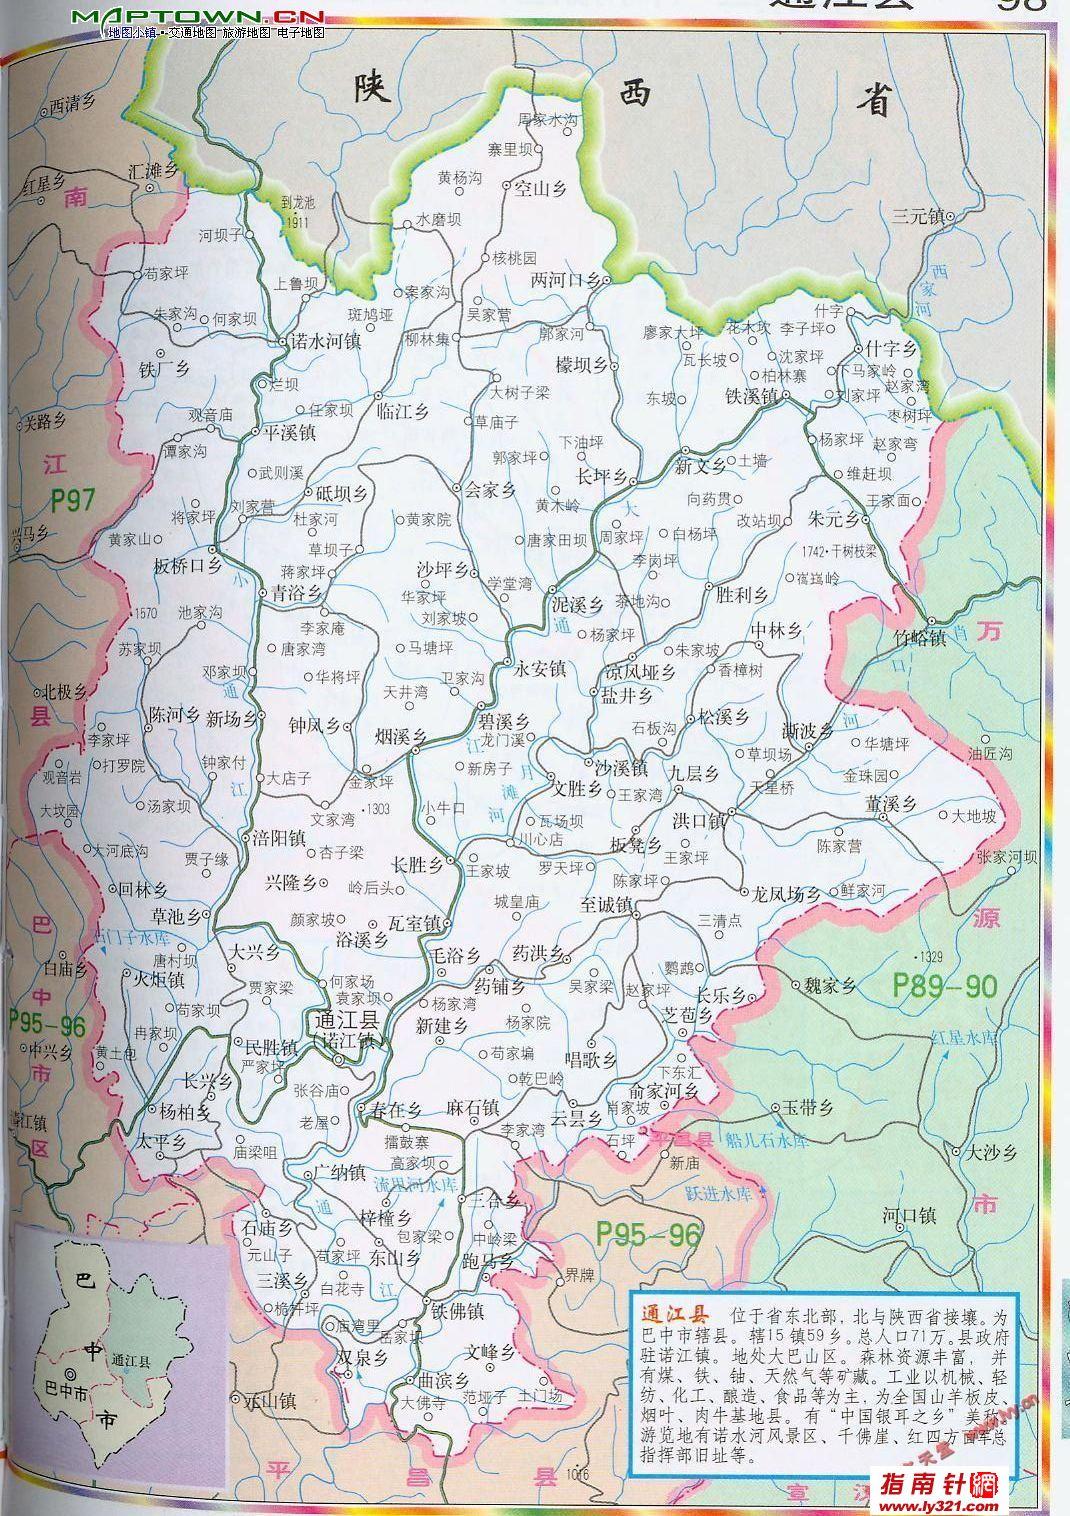 世界地图高清版可放大图片